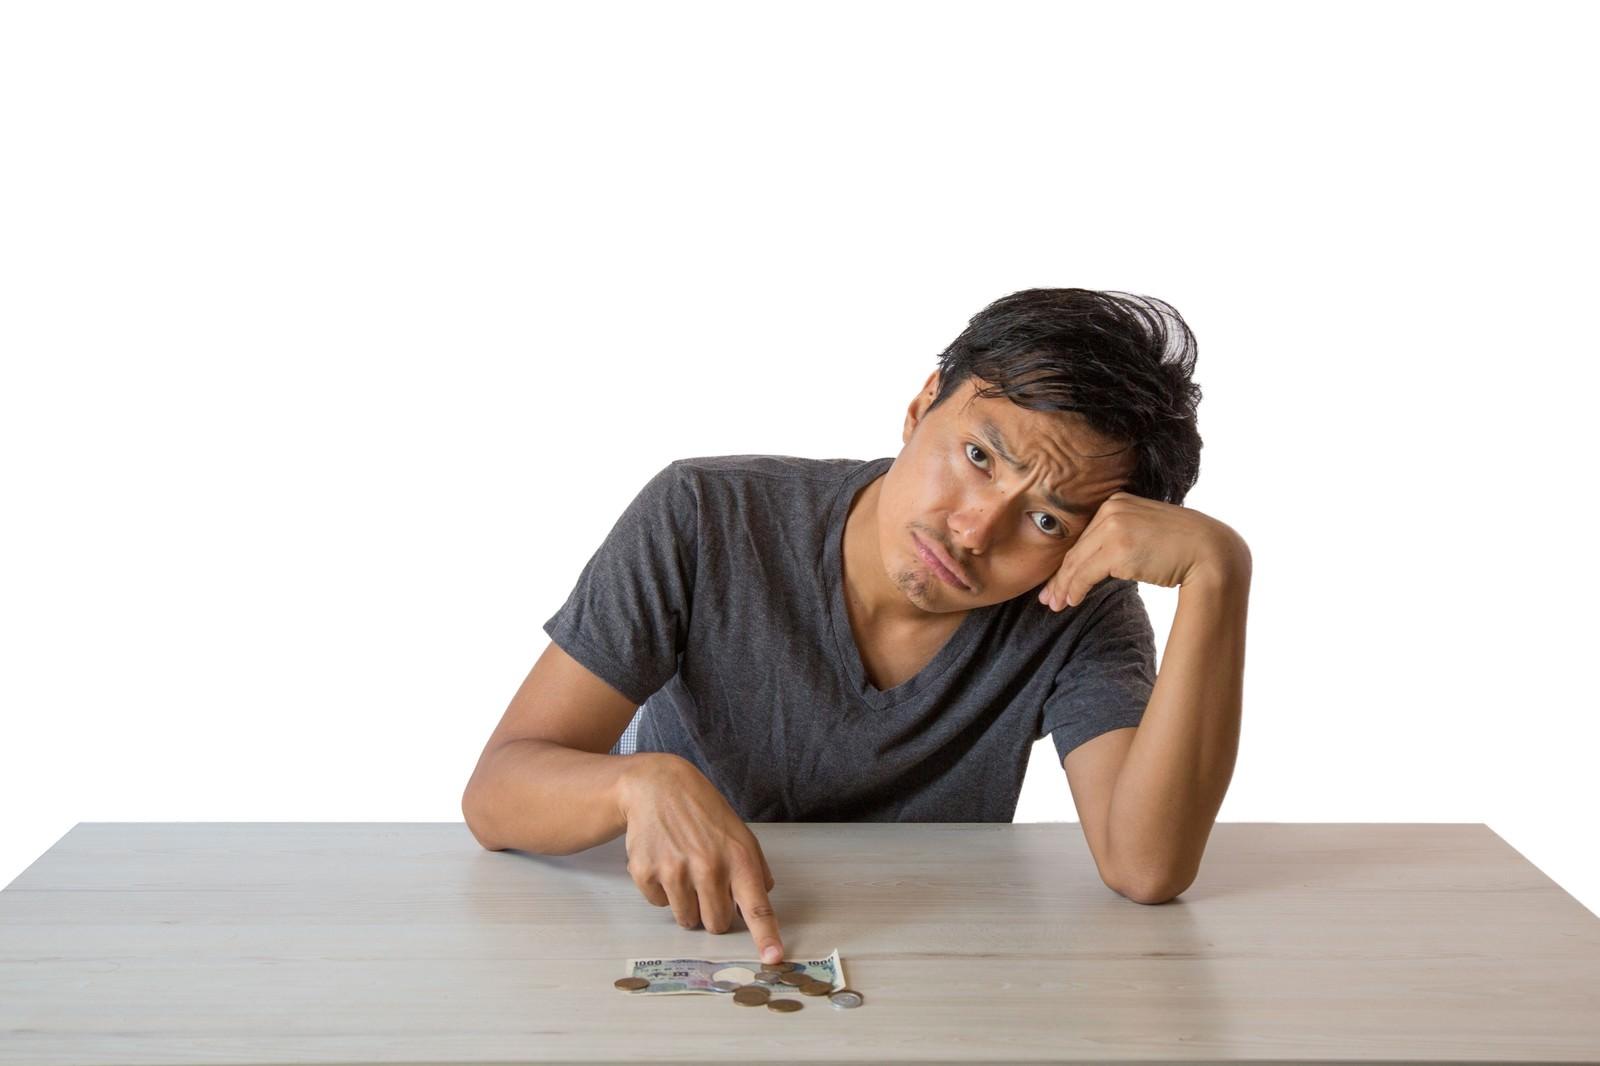 「月末までの生活費に頭を悩ます浪費癖のある男性月末までの生活費に頭を悩ます浪費癖のある男性」[モデル:藤沢篤]のフリー写真素材を拡大